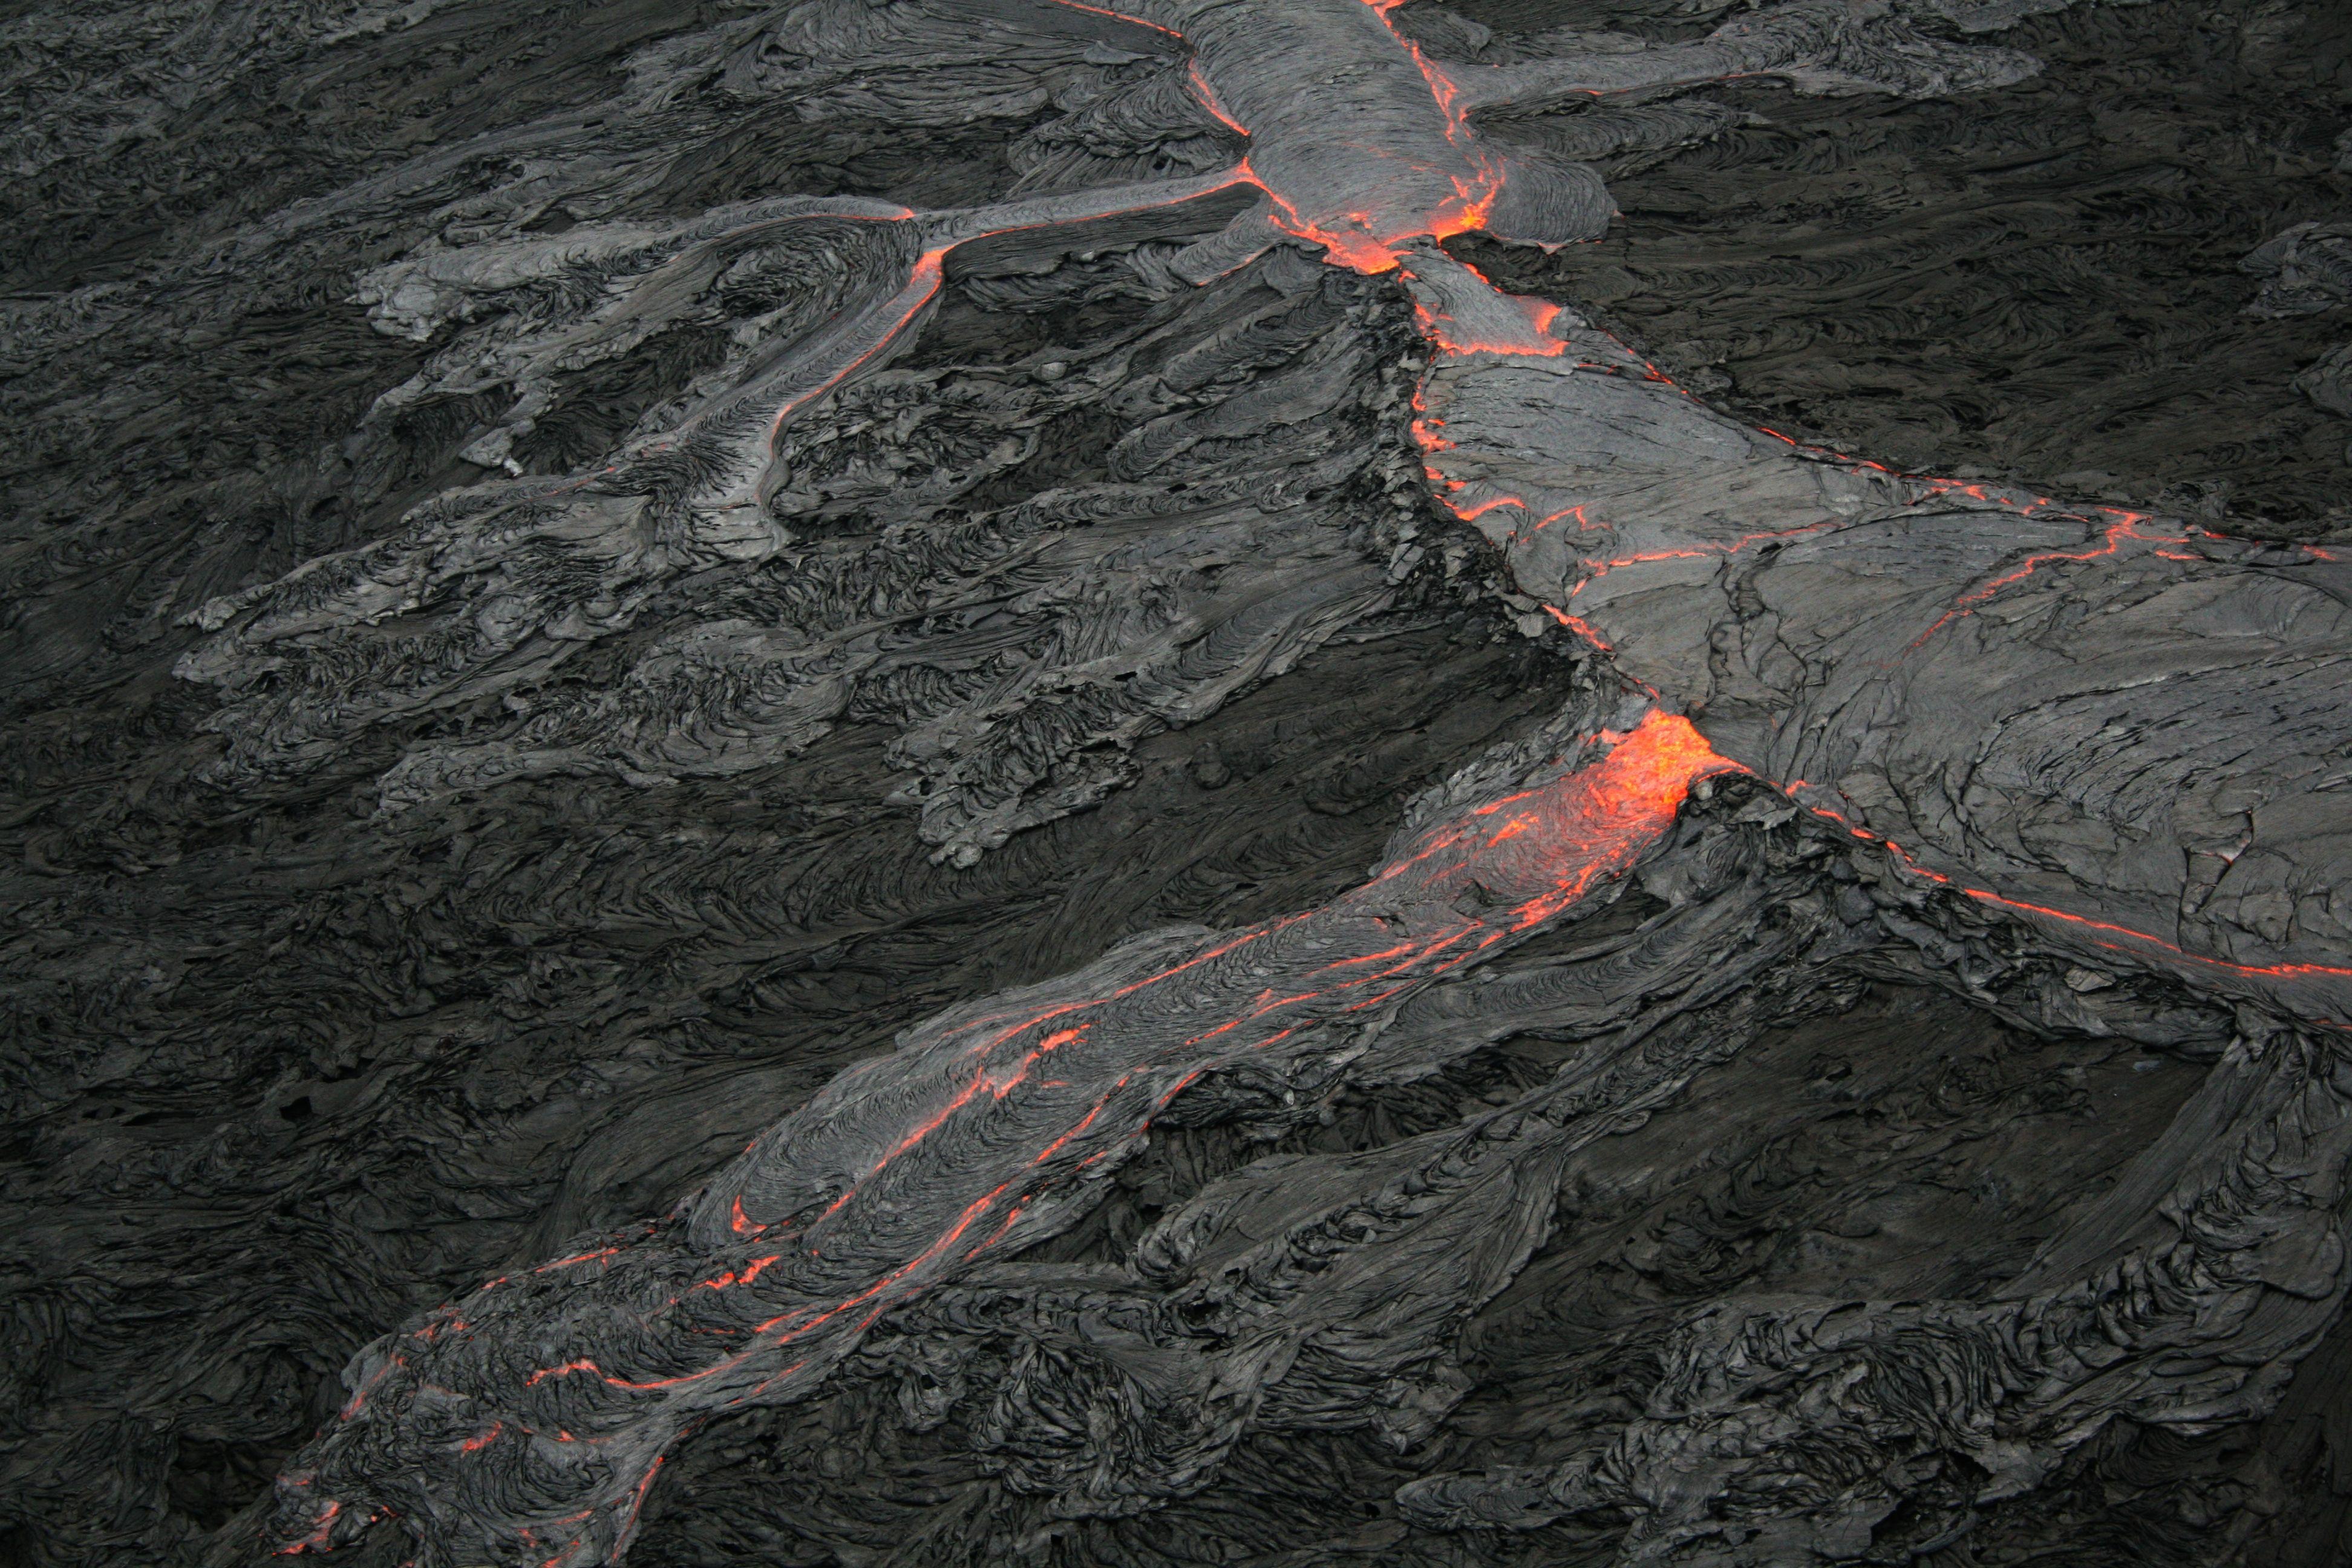 ¡La Gran Extinción del Triásico-Jurásico fue Causada por Volcanes! | Geofrik's Blog